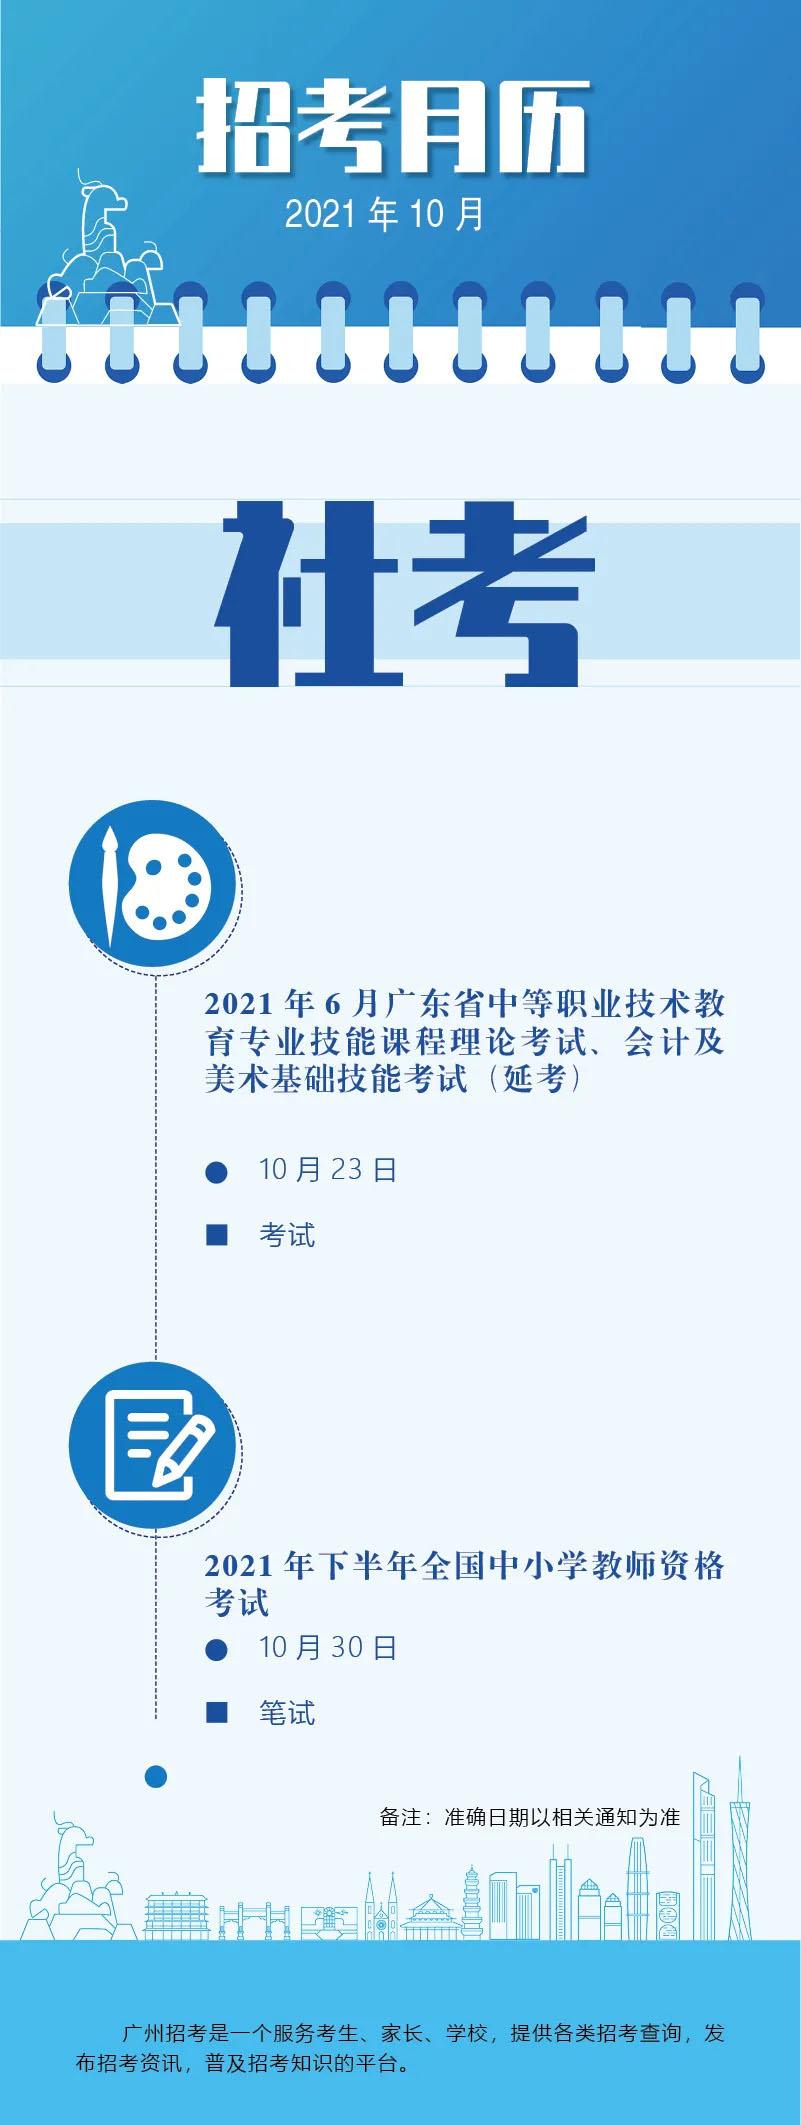 2021年广州10月招考月历新鲜出炉